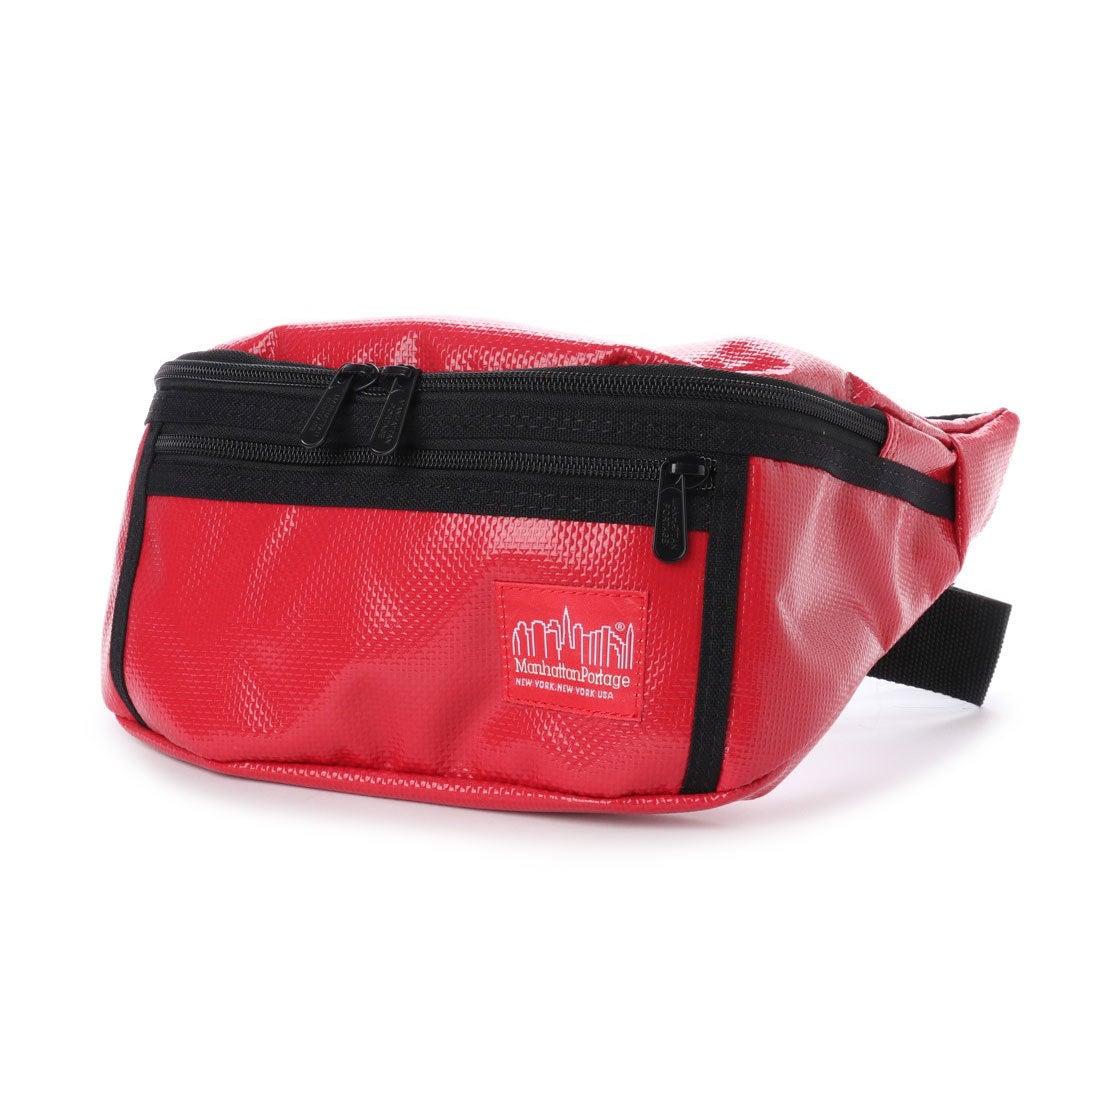 マンハッタンポーテージ Manhattan Portage Vinyl Alleycat Waist Bag (Red)